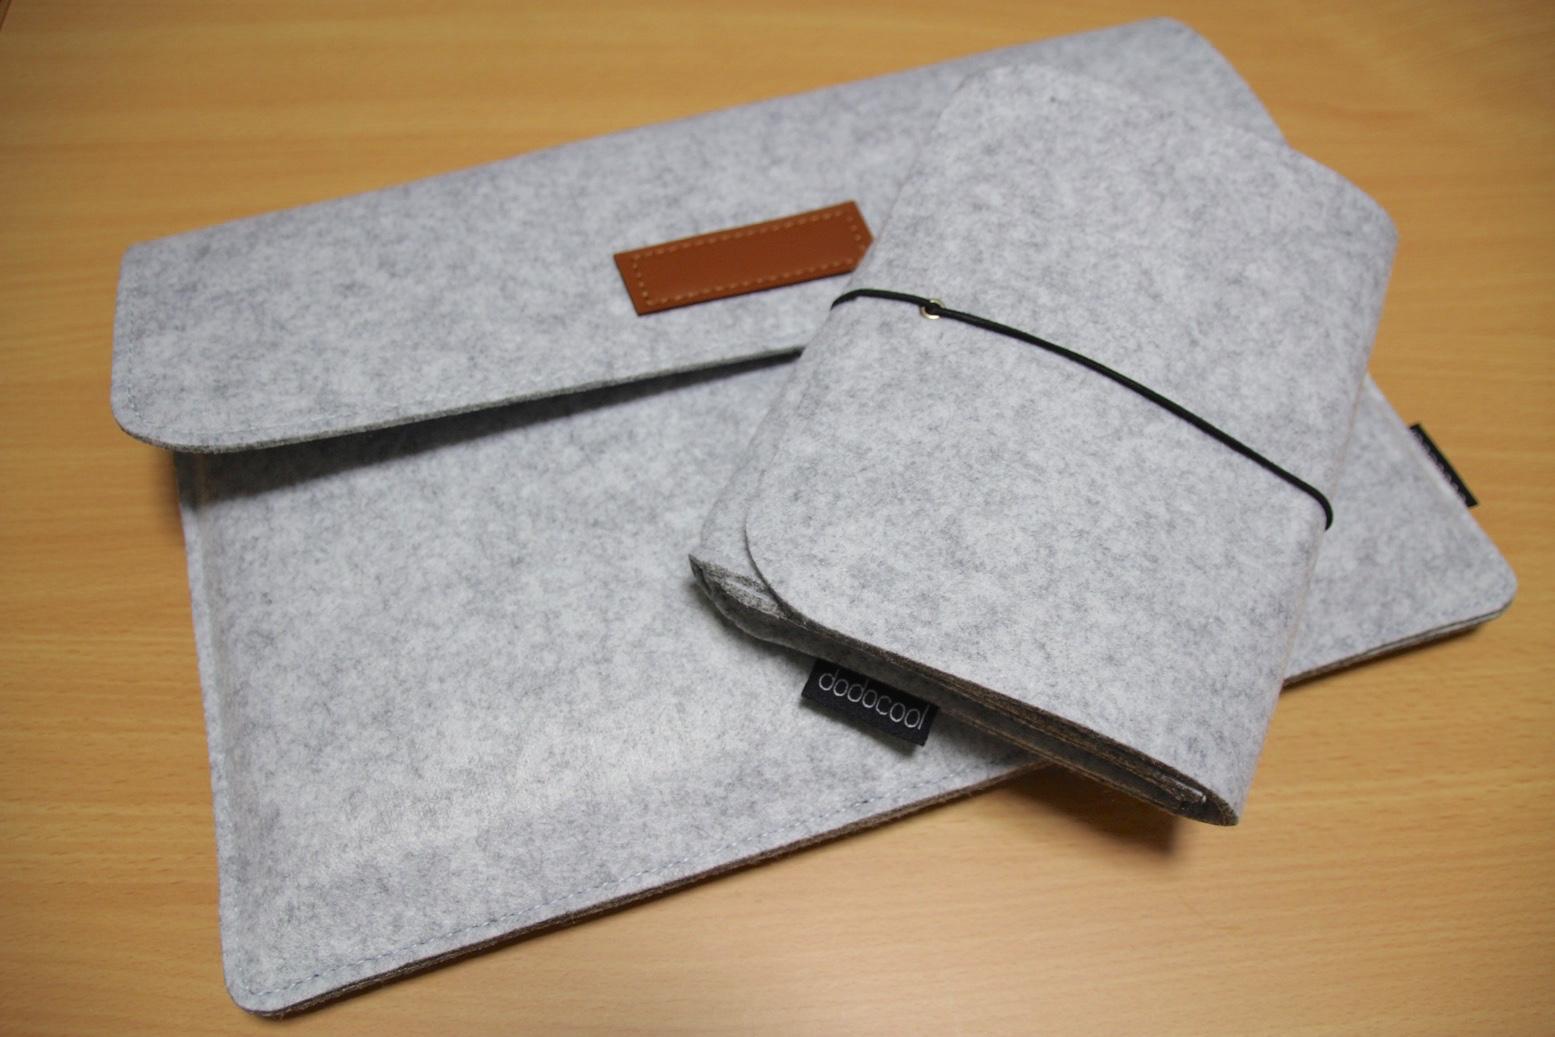 薄くて軽いフェルト素材を採用。dodocool 12インチノートPC&タブレット保護スリーブケース